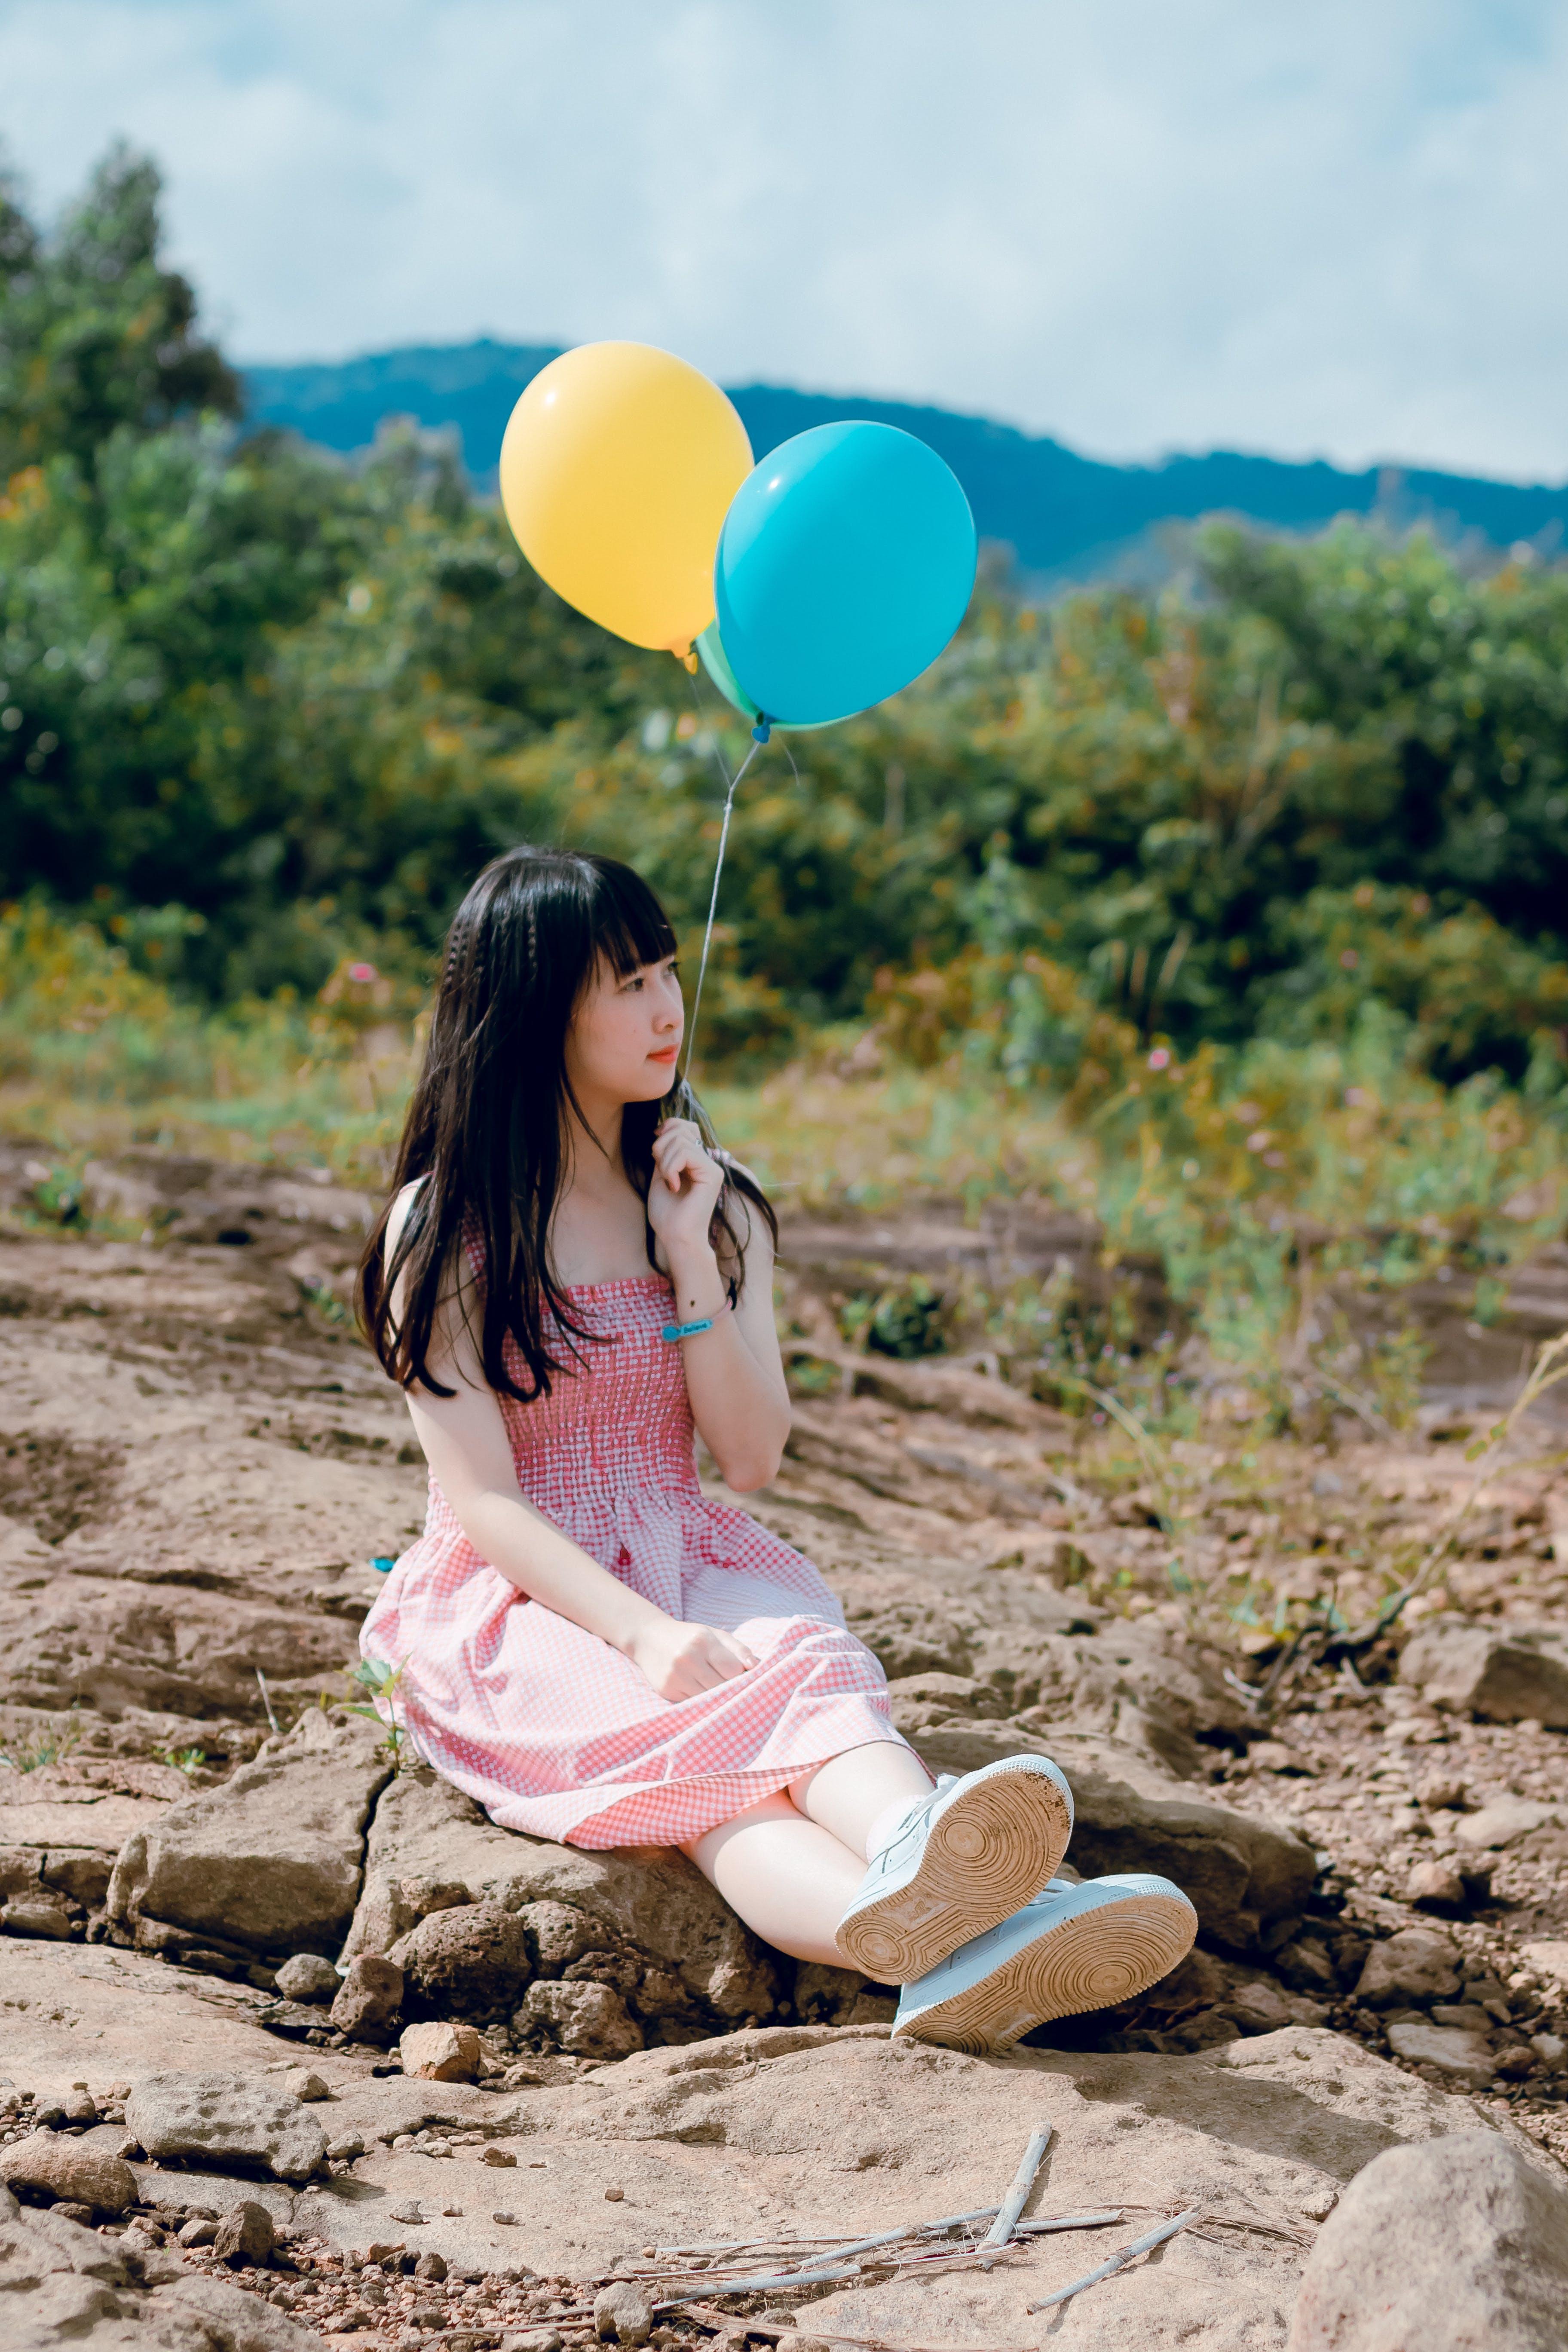 Kostenloses Stock Foto zu ballons, entspannung, erholung, freiheit